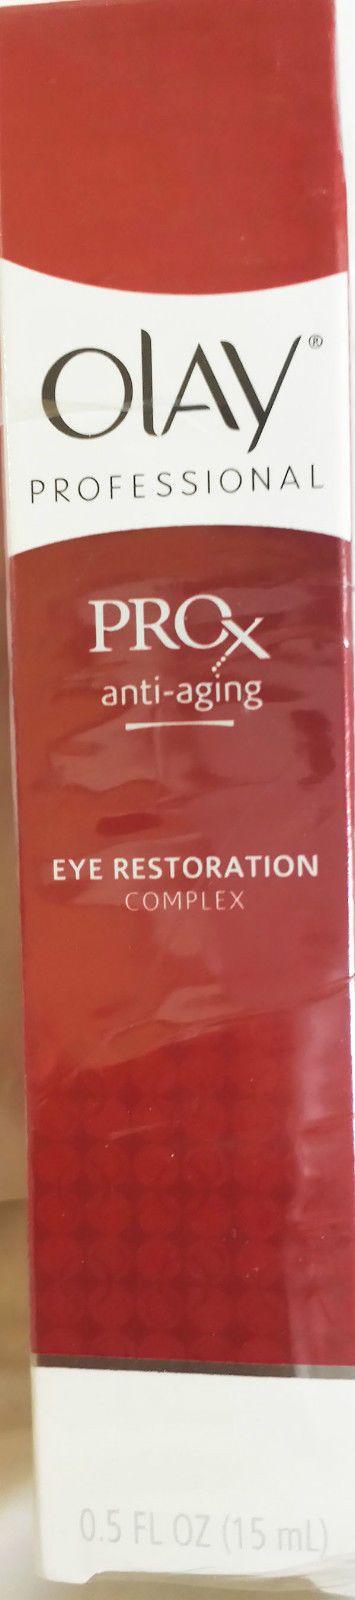 Olay ProX Eye Restoration Complex anti-aging 0.5 fl.oz. DAMAGED BOX SPECIAL